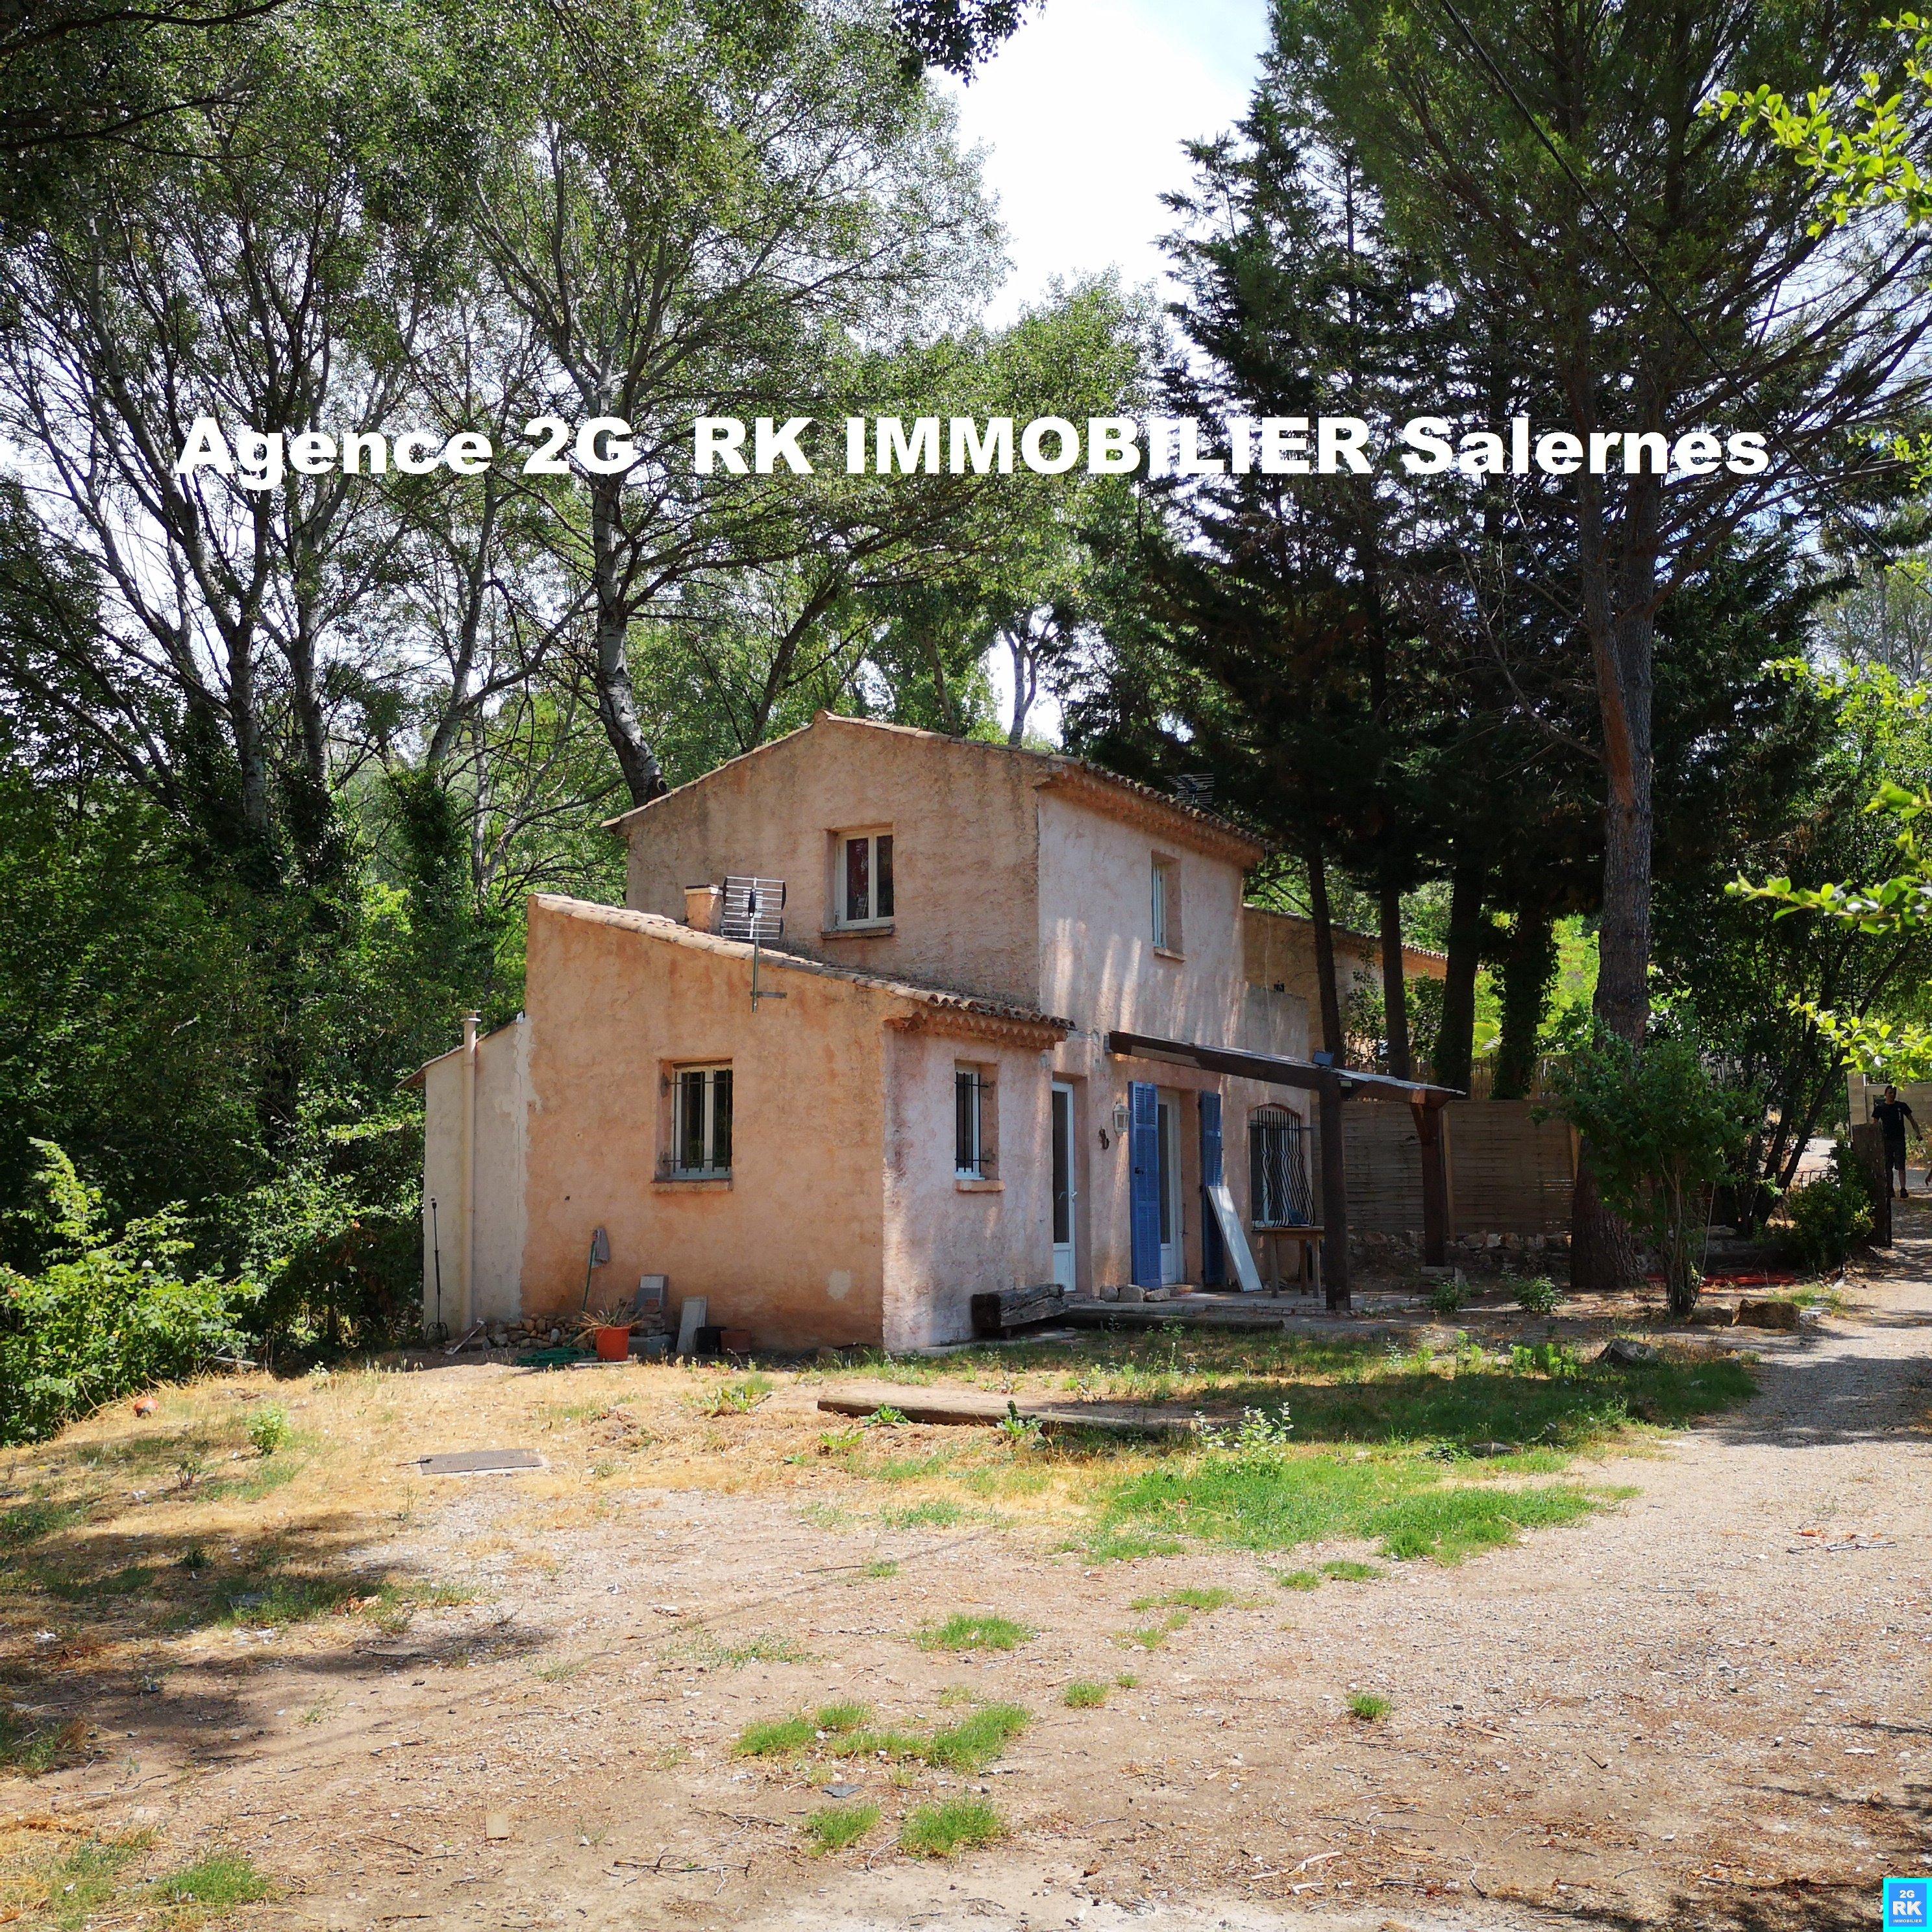 2 Maisons sur terrain 1 450 m² à Villecroze.